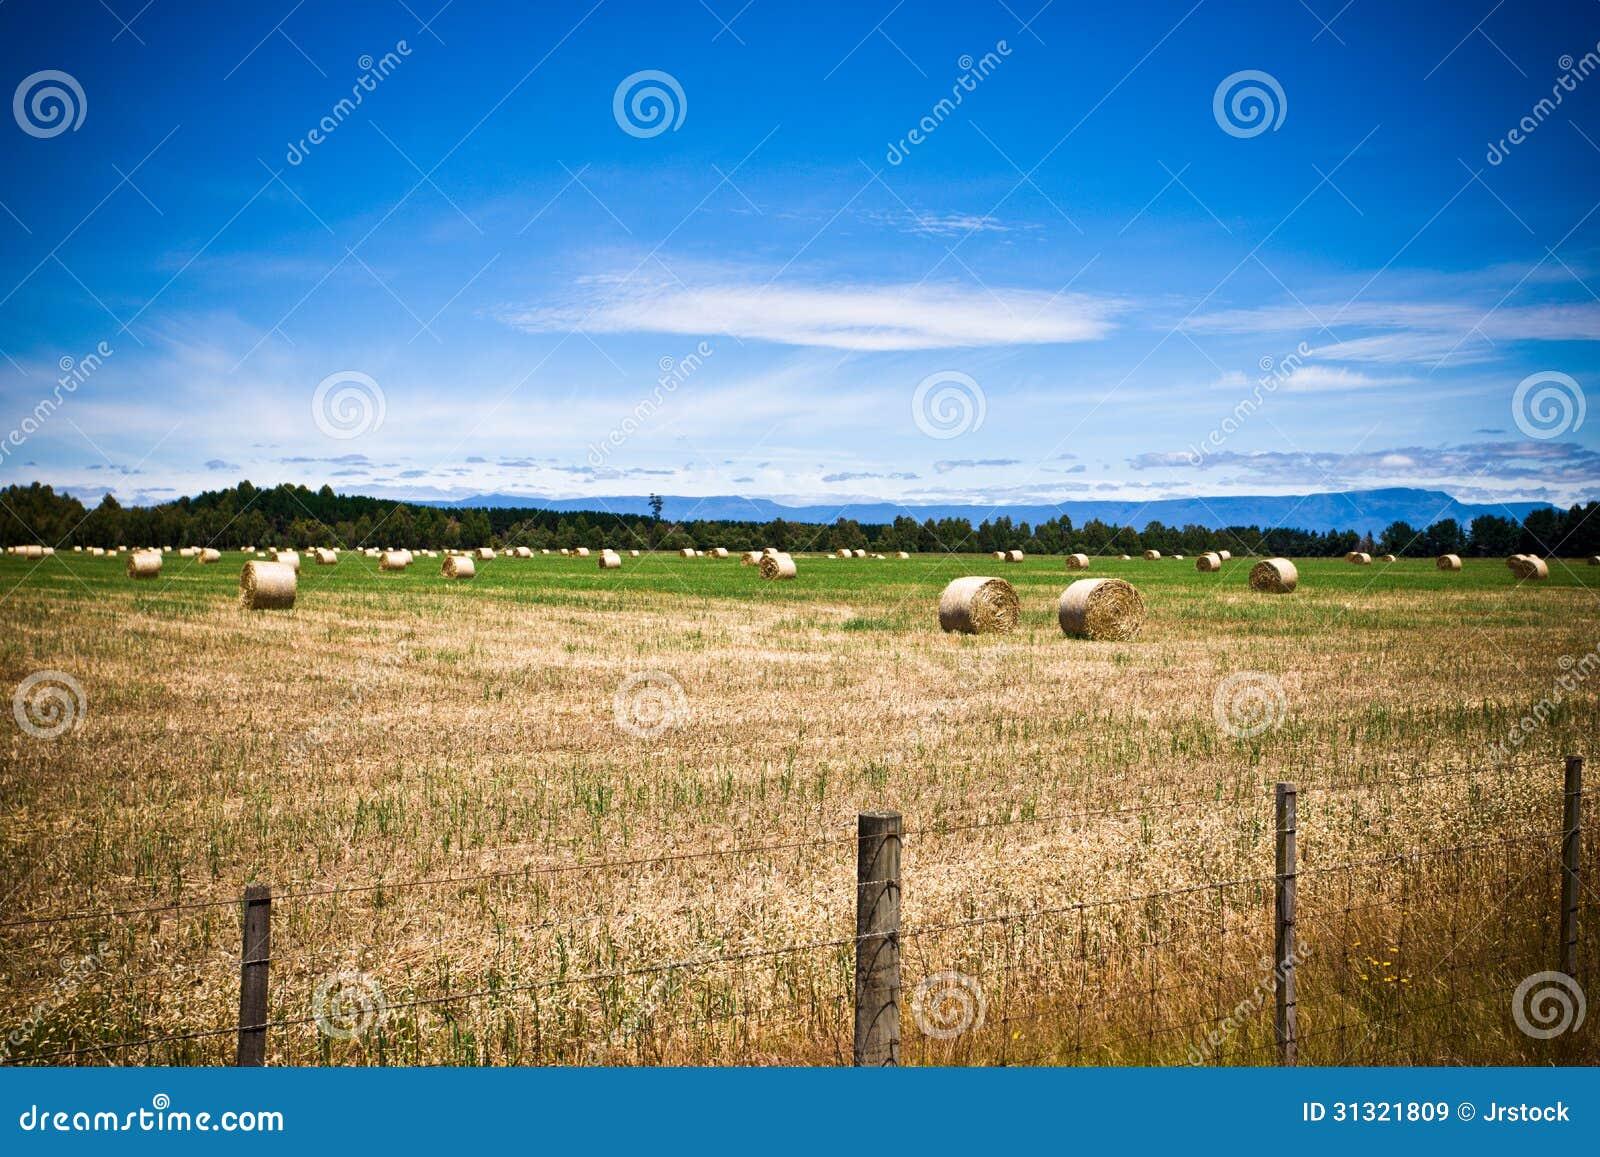 Аграрное поле с круглыми связками сена